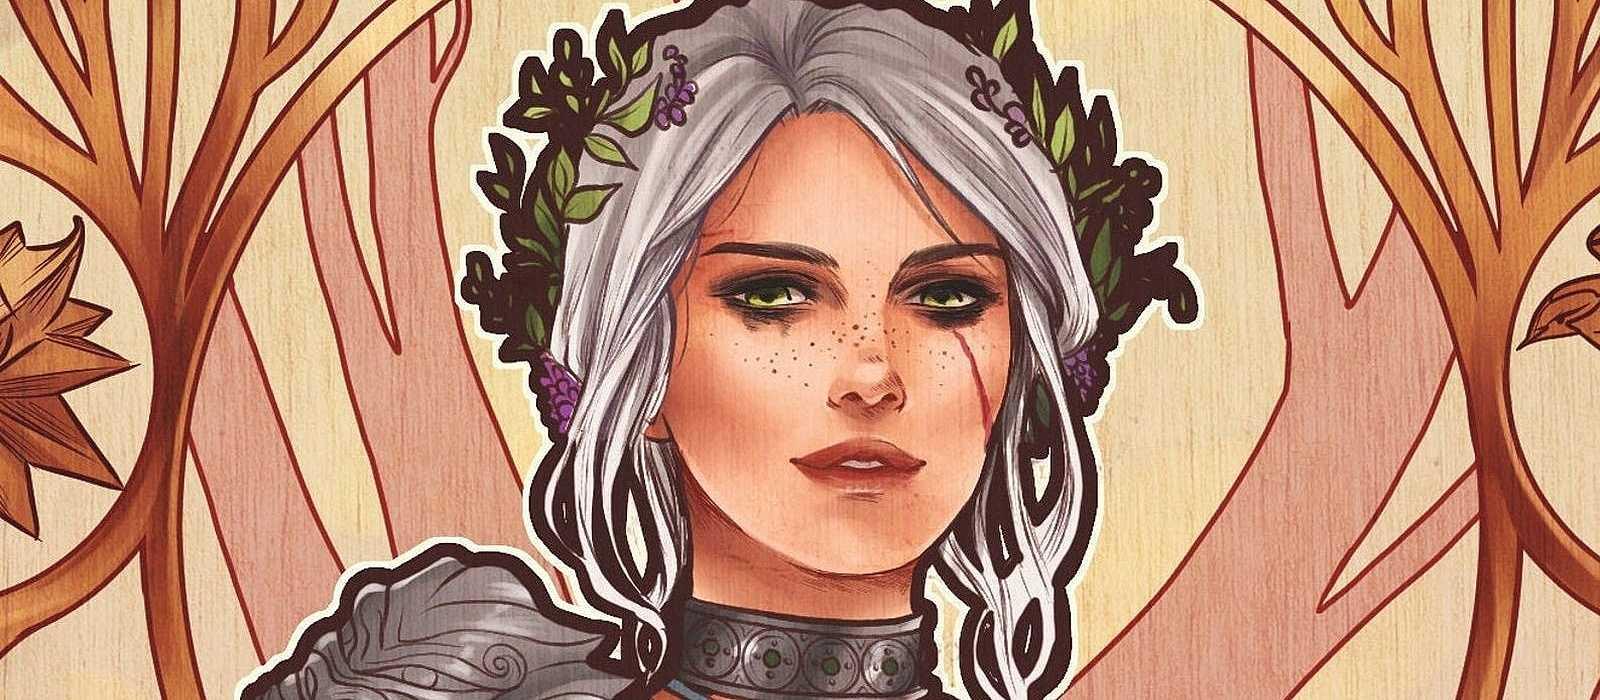 Coole Kunst von Ciri und Triss veröffentlicht. Die Schöpfer von The Witcher 3 sind beeindruckt